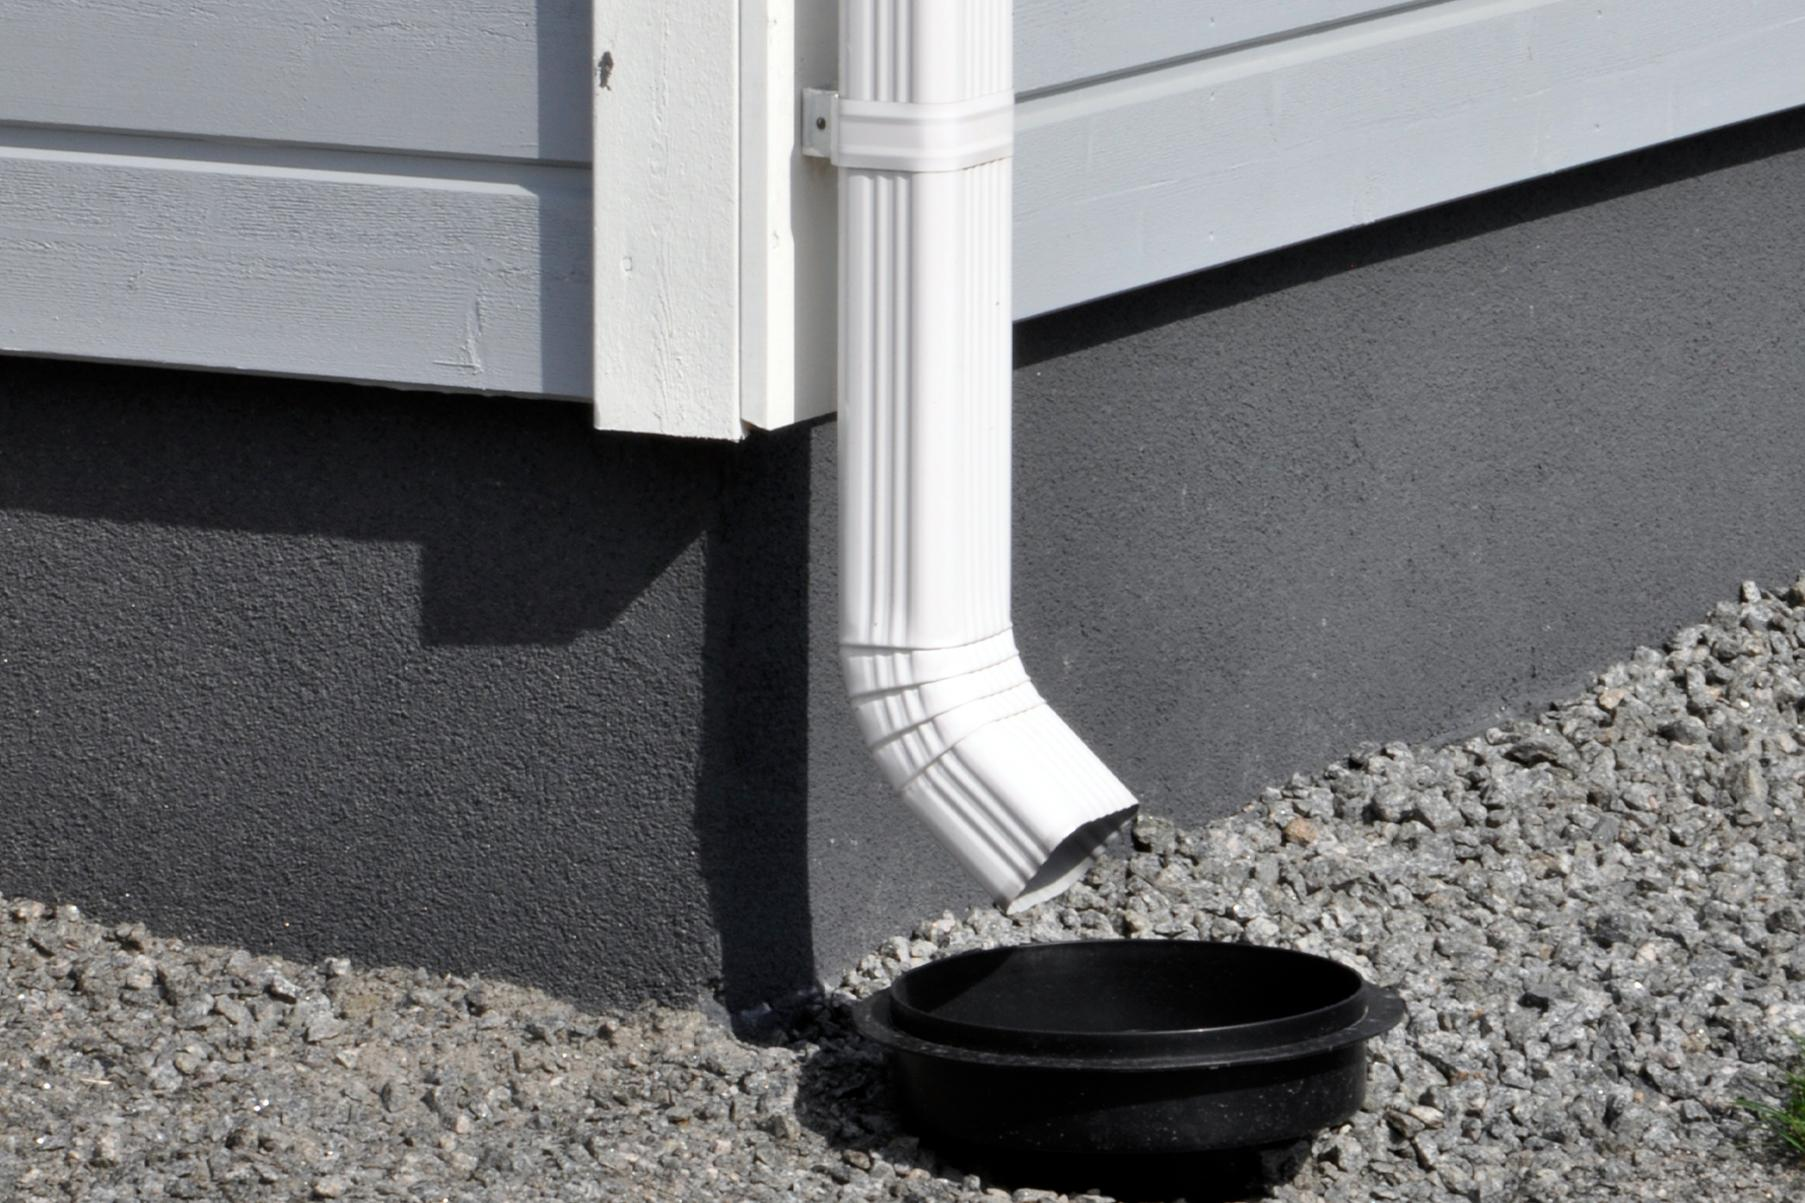 Kanttikkaan sadevesijärjestelmän ulosheittäjä on suunnattu oikein sadevesikaivoon. Näin vesi ei pääse roiskumaan talon rakenteisiin.